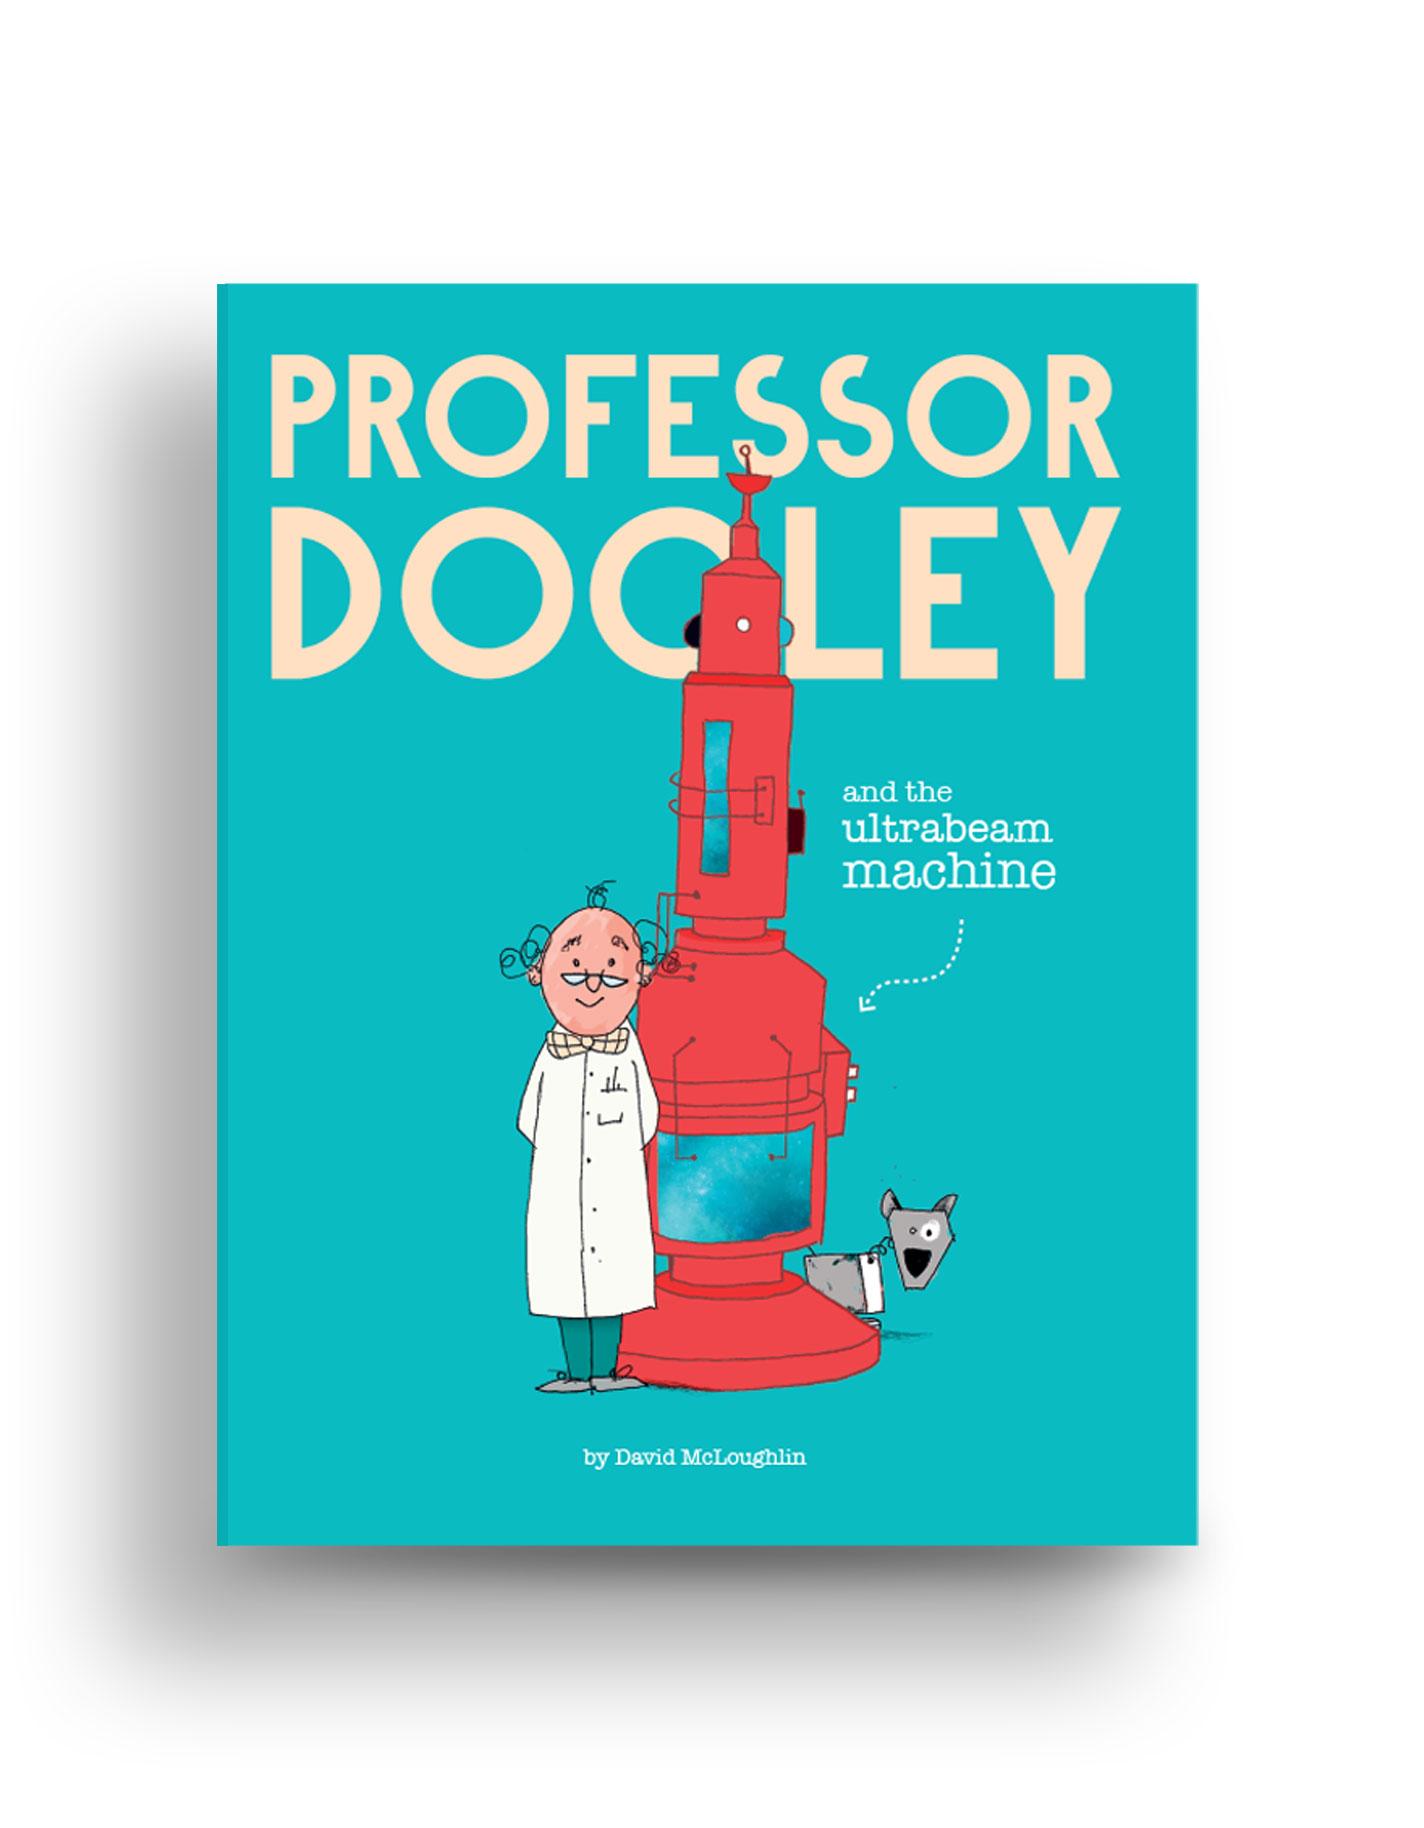 Professor Dooley